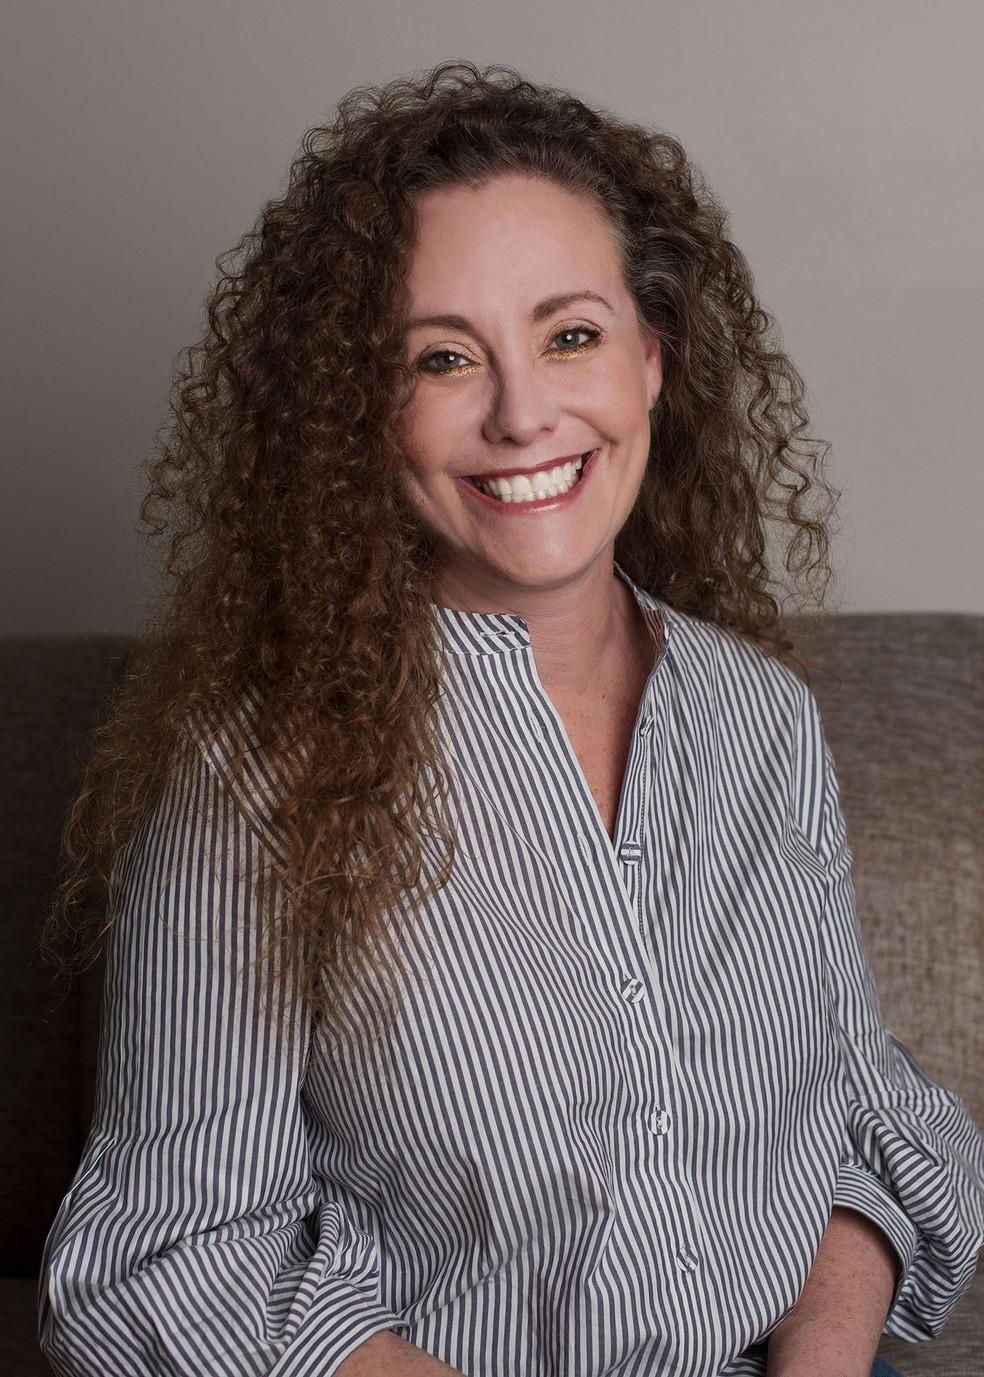 Julie Swetnick em foto divulgada por seu advogado — Foto: Michael Avenatti/Twitter